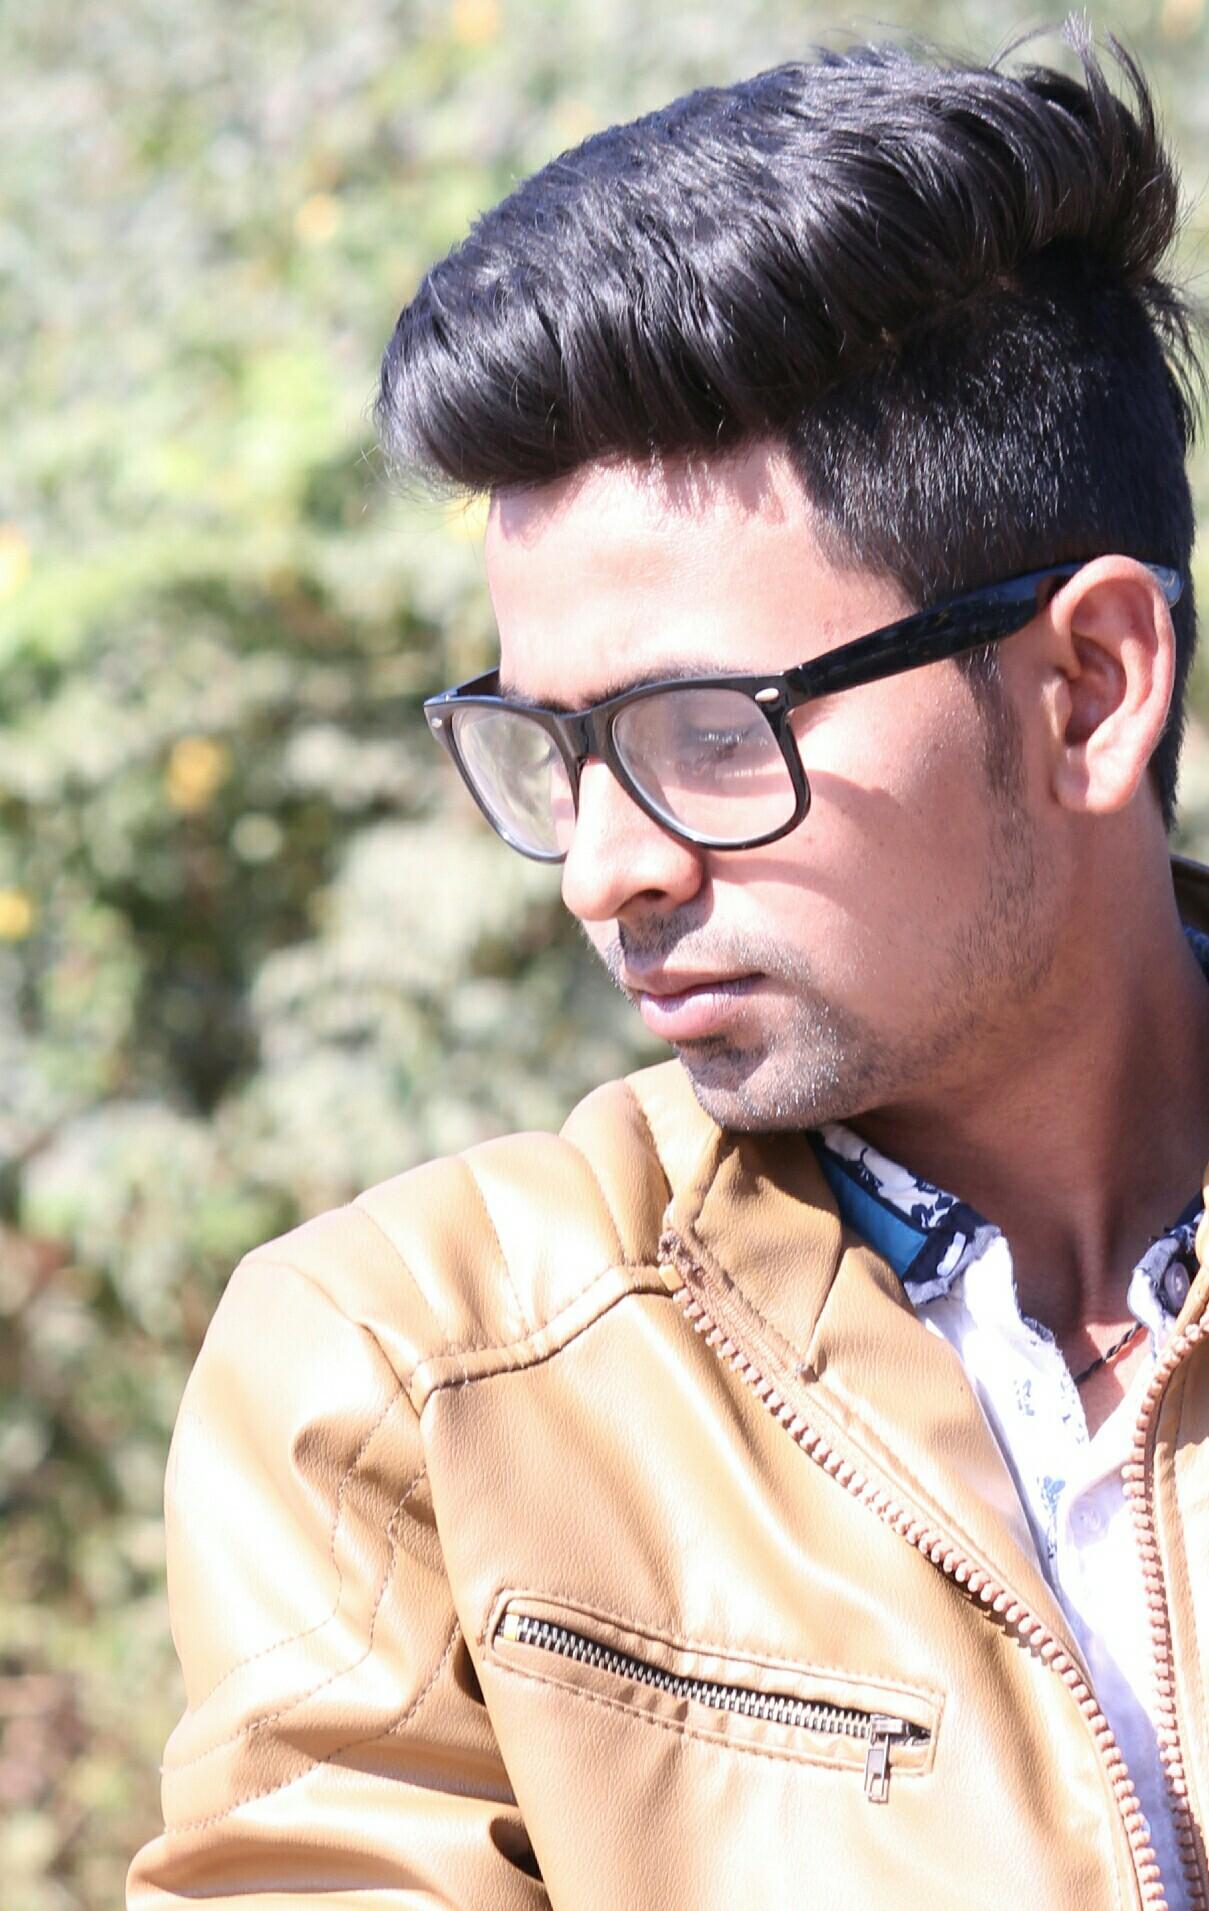 Tanu model, Jamshedpur | talentrack